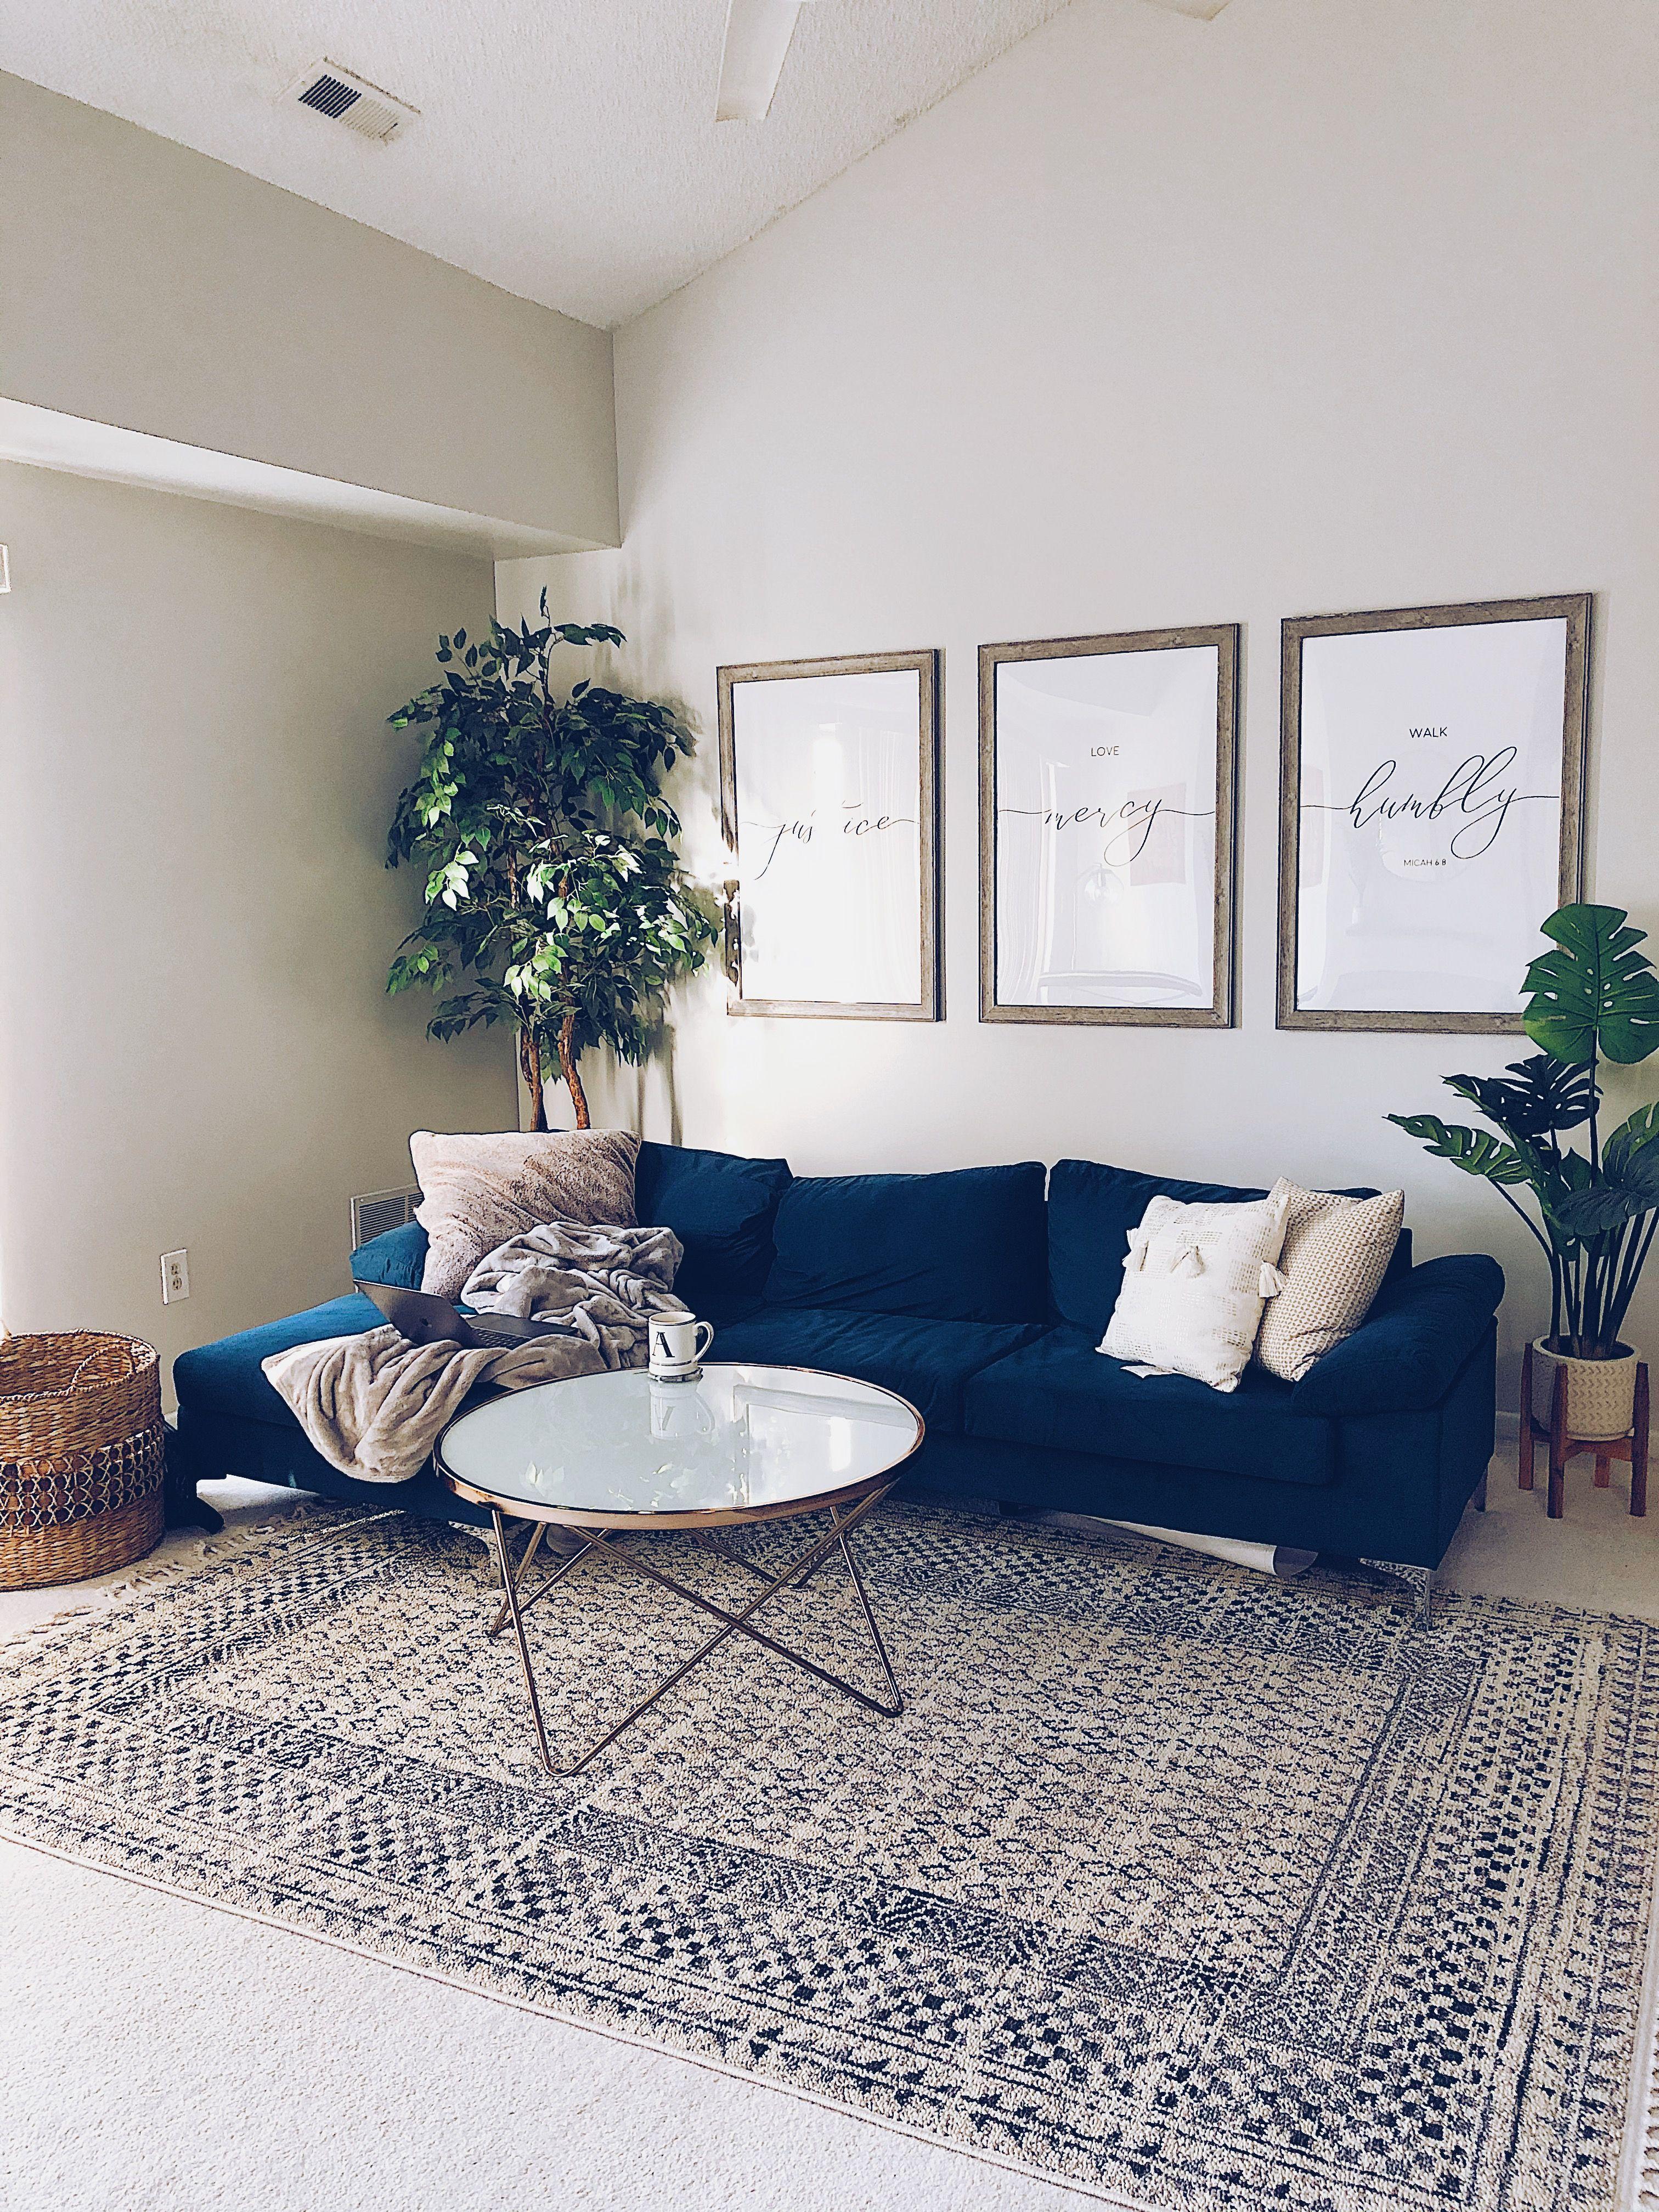 Blue Velvet Couch Living Room Velvet Couch Living Room Blue Couch Living Room Blue And Gold Living Room